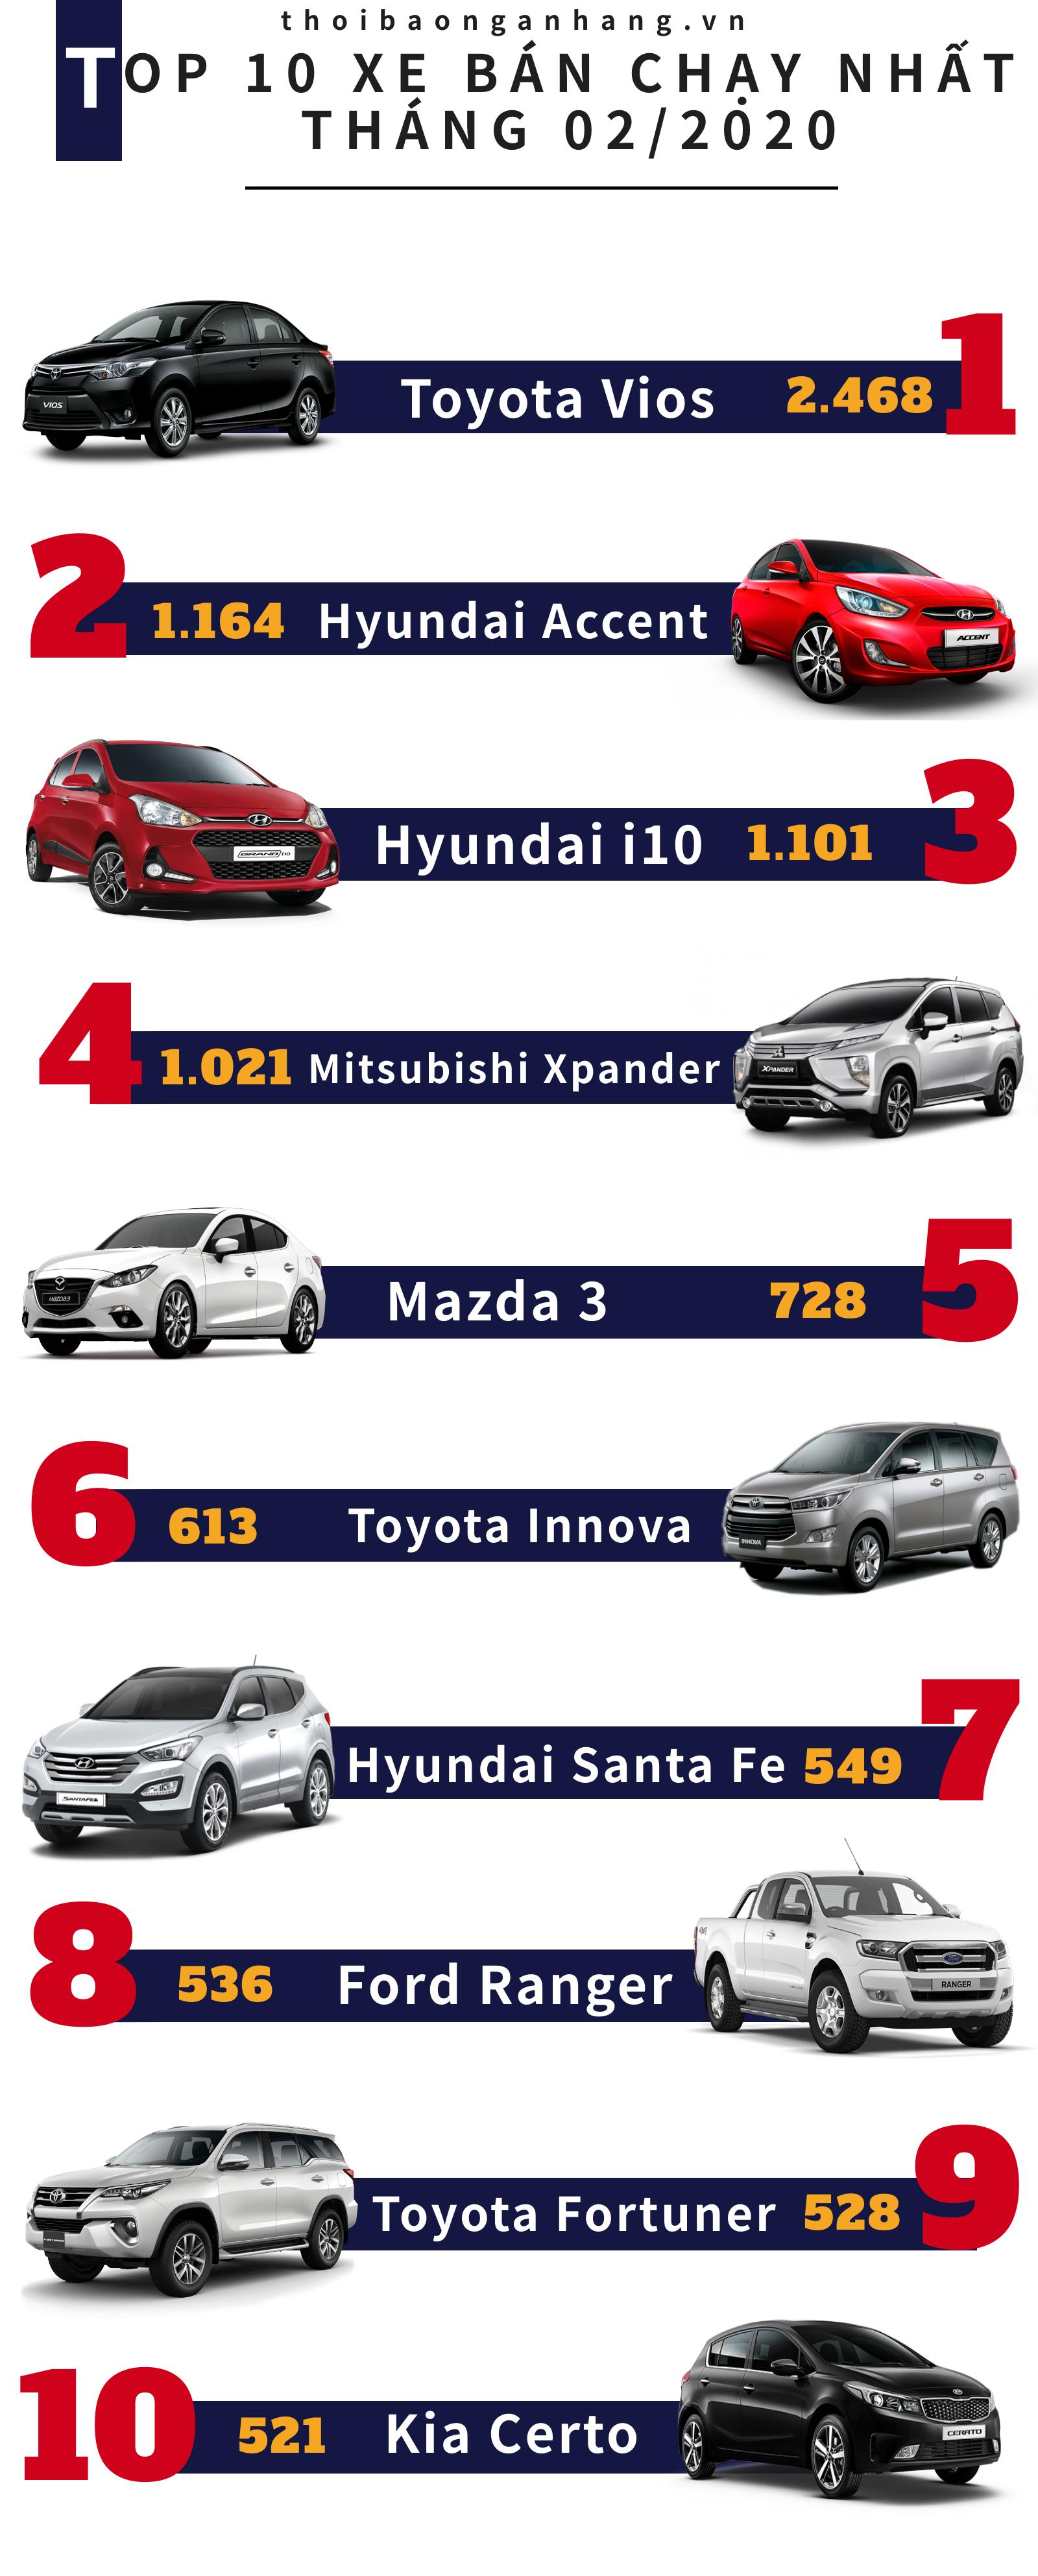 infographic top 10 xe ban chay nhat thi truong 022020 vios vung chac tro lai ngoi vuong